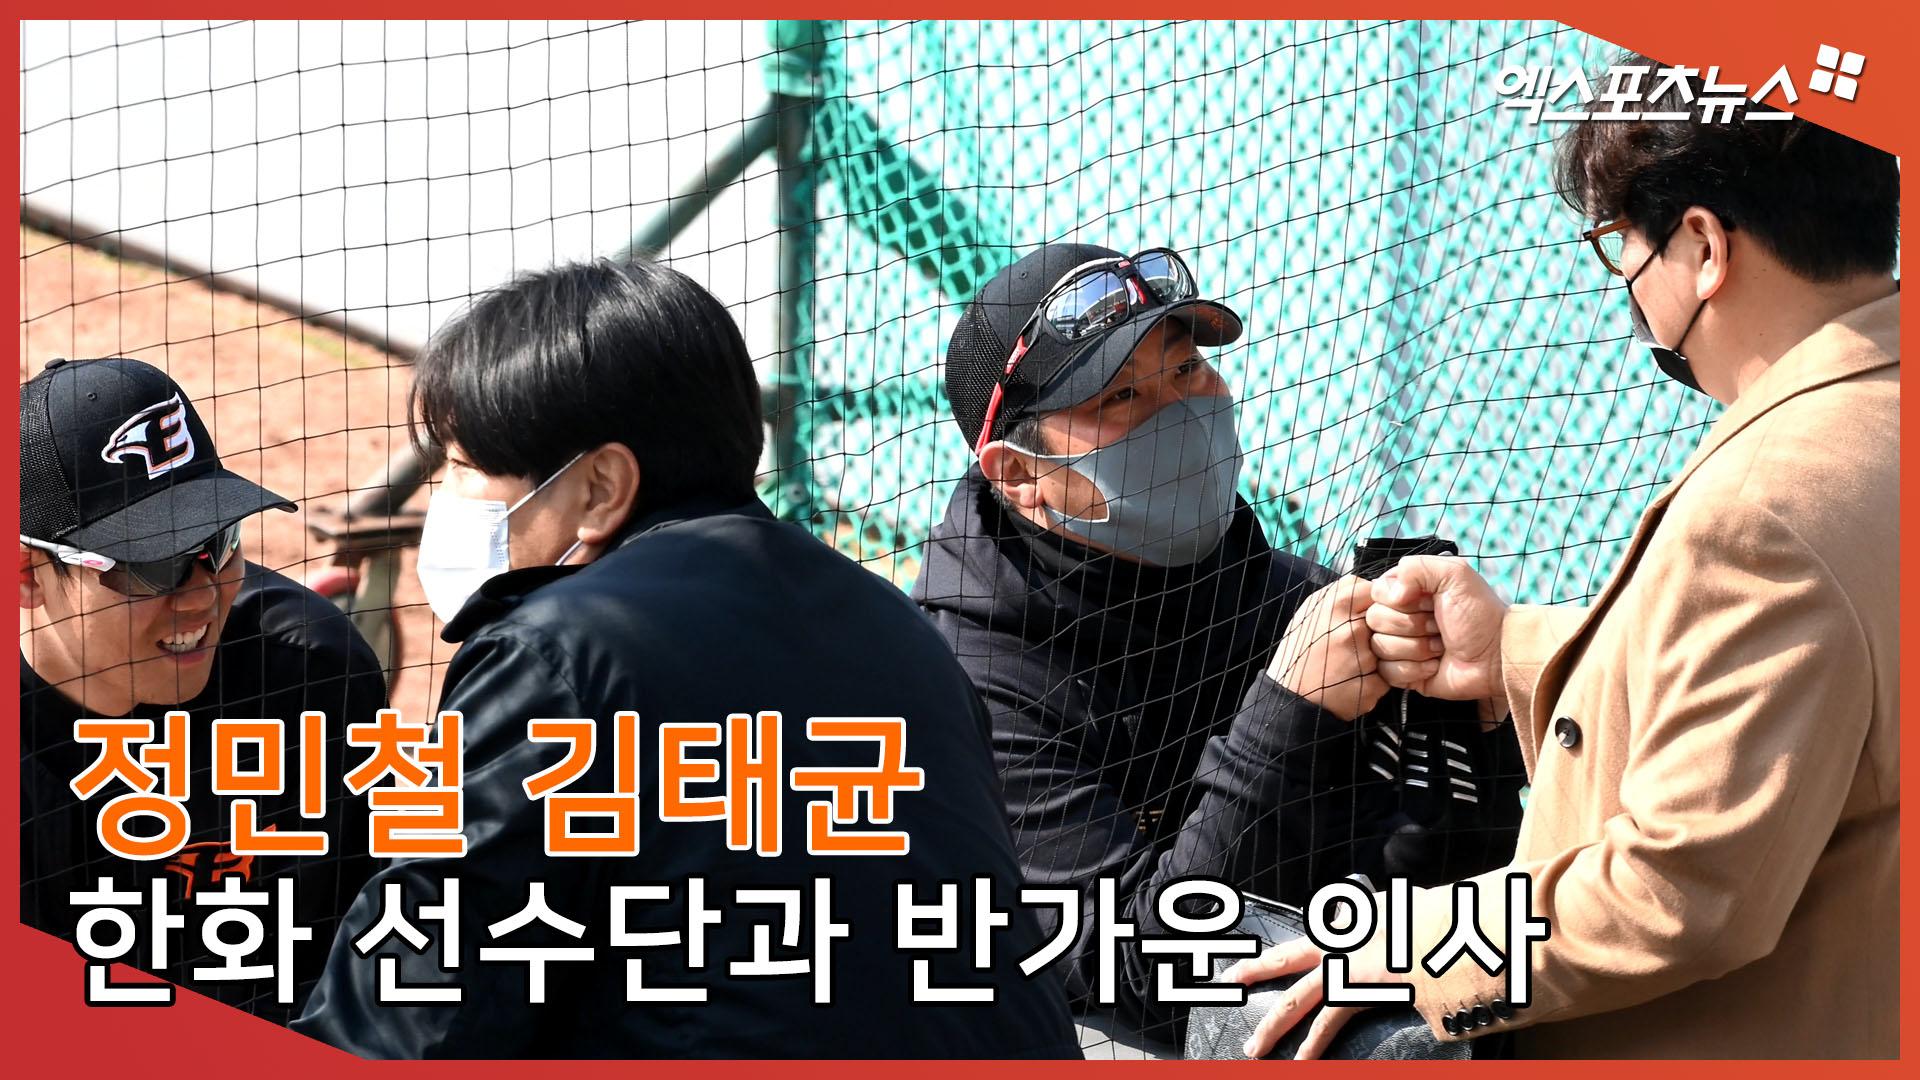 '이글스 레전드' 김태균, 한화 선수들 향한 애정 어린 인사[엑's 스케치]